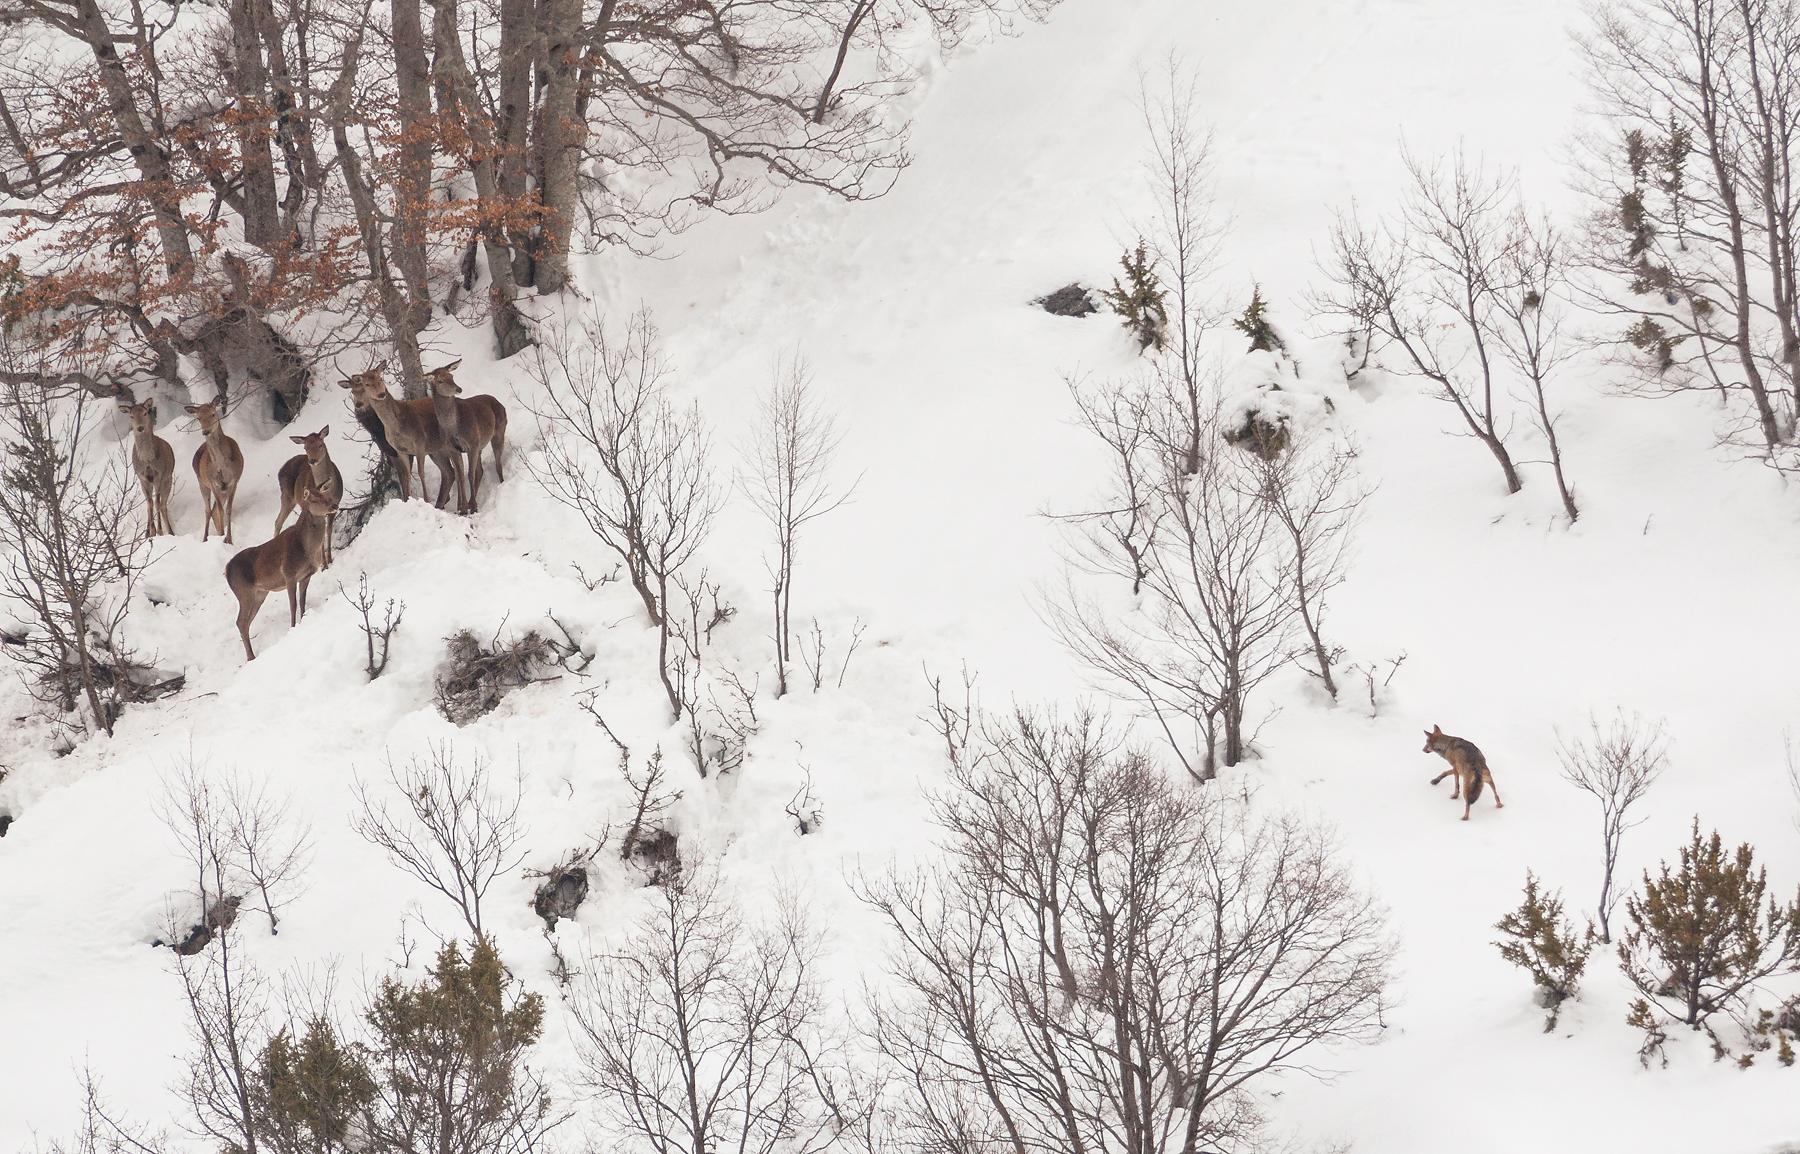 Confronto tra un lupo e un gruppo di cervi rimasti bloccati da un'abbondante nevicata. Parco Nazionale d'Abruzzo, Lazio e Molise. 2012. DSLR, 500mm + 2X